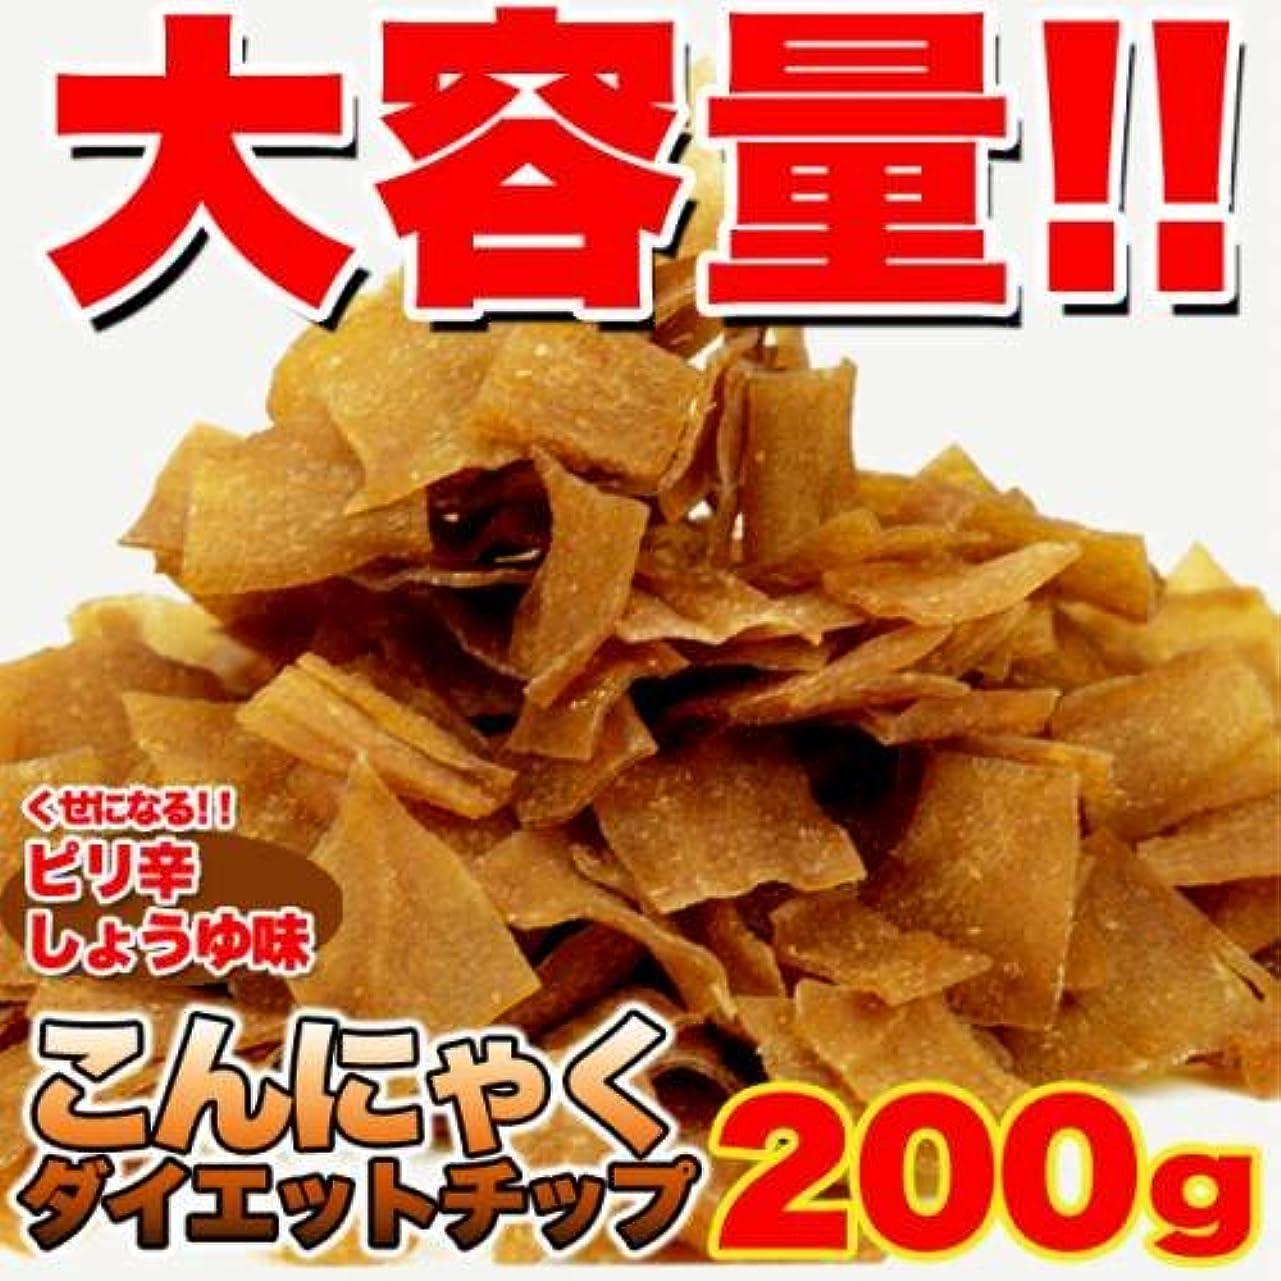 インレイ化合物シチリアお徳用 ダイエットこんにゃくチップ 200g